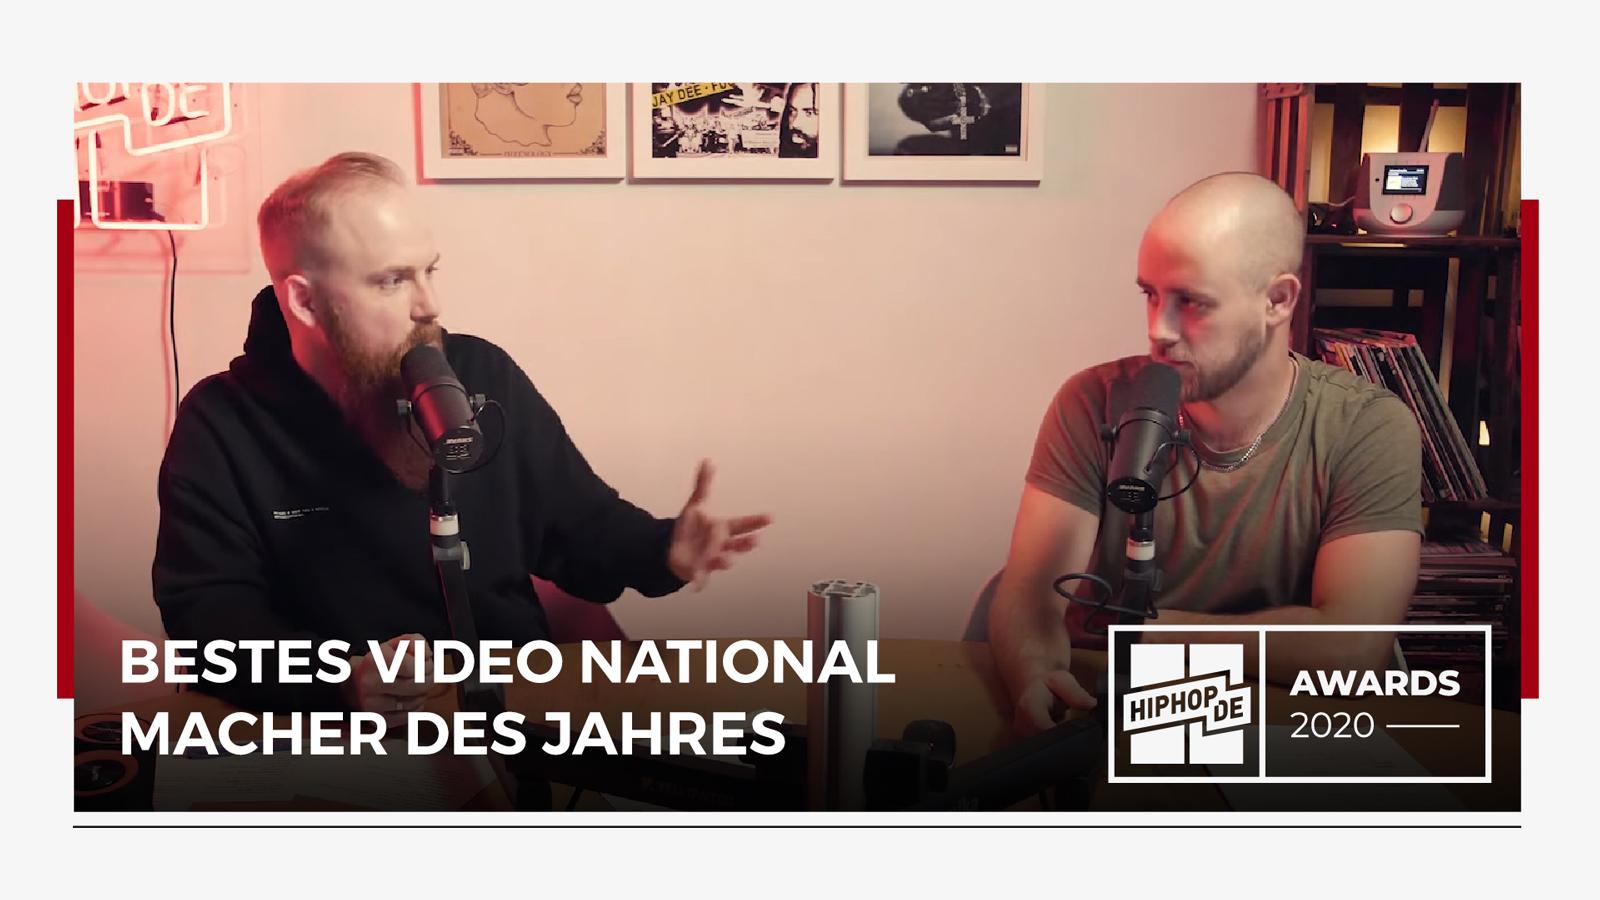 """Jahresrückblick: """"Bestes Video National"""" & """"Macher des Jahres"""" – Hiphop.de Awards 2020 (6/8)"""